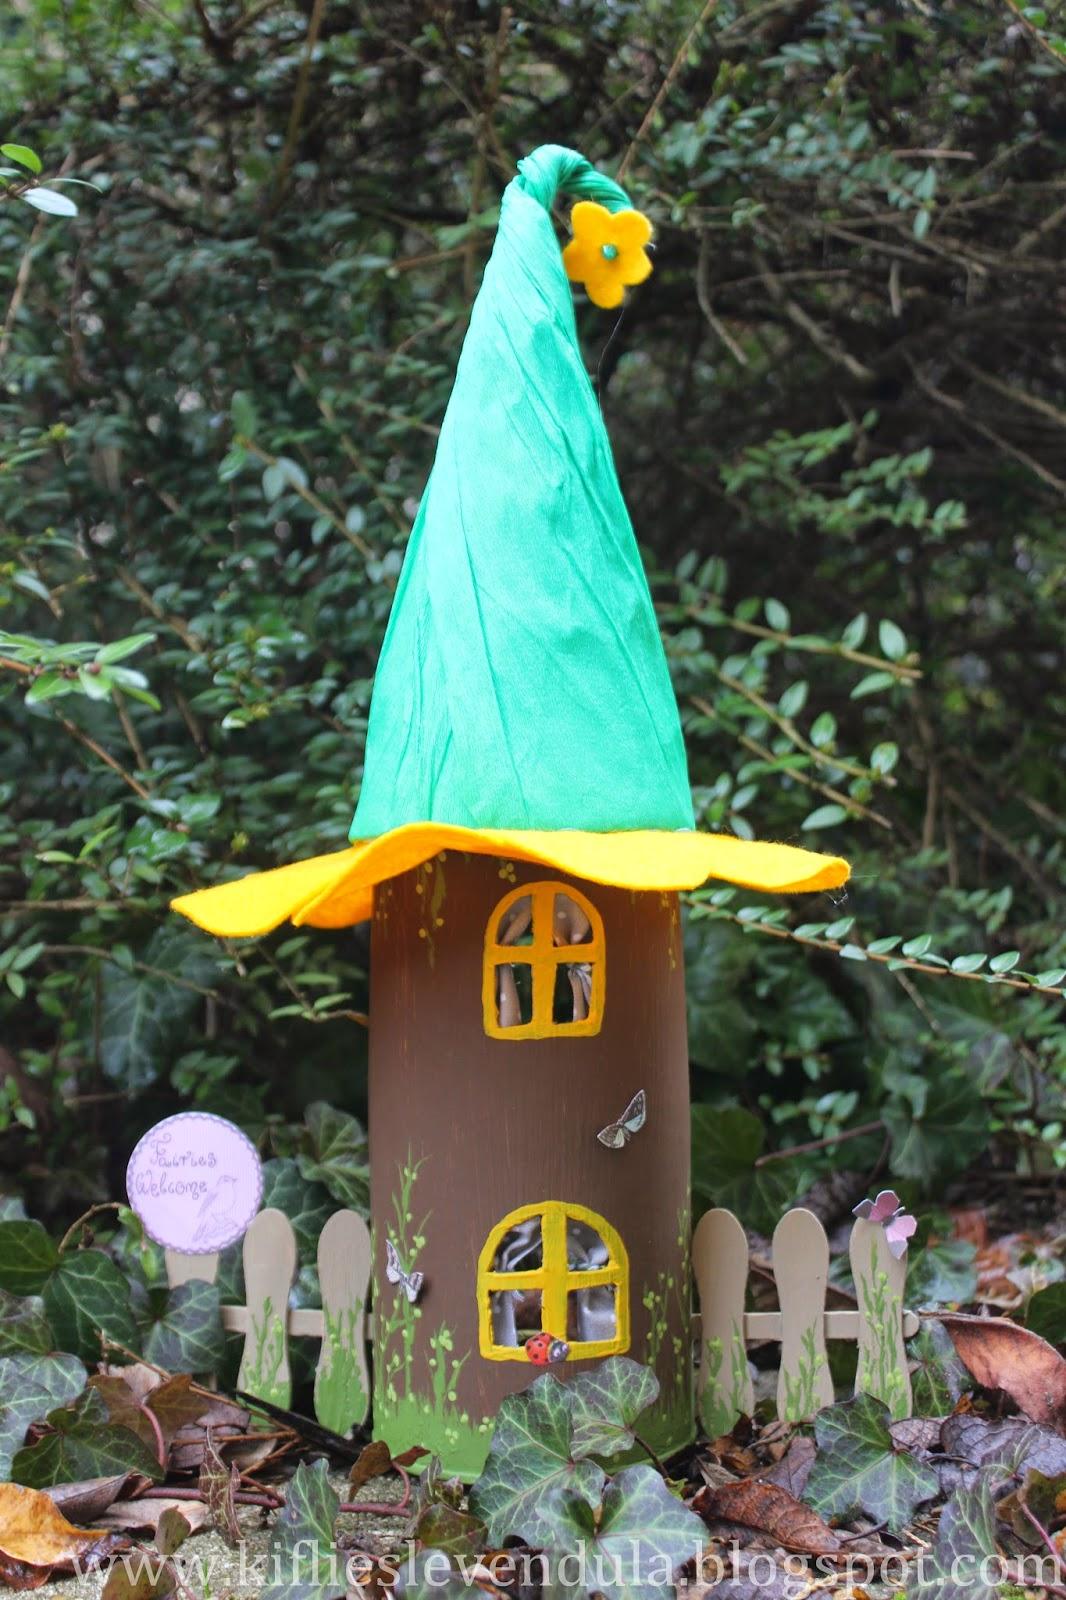 Casita de duendes hecha con un tubo de cartón y decorada.